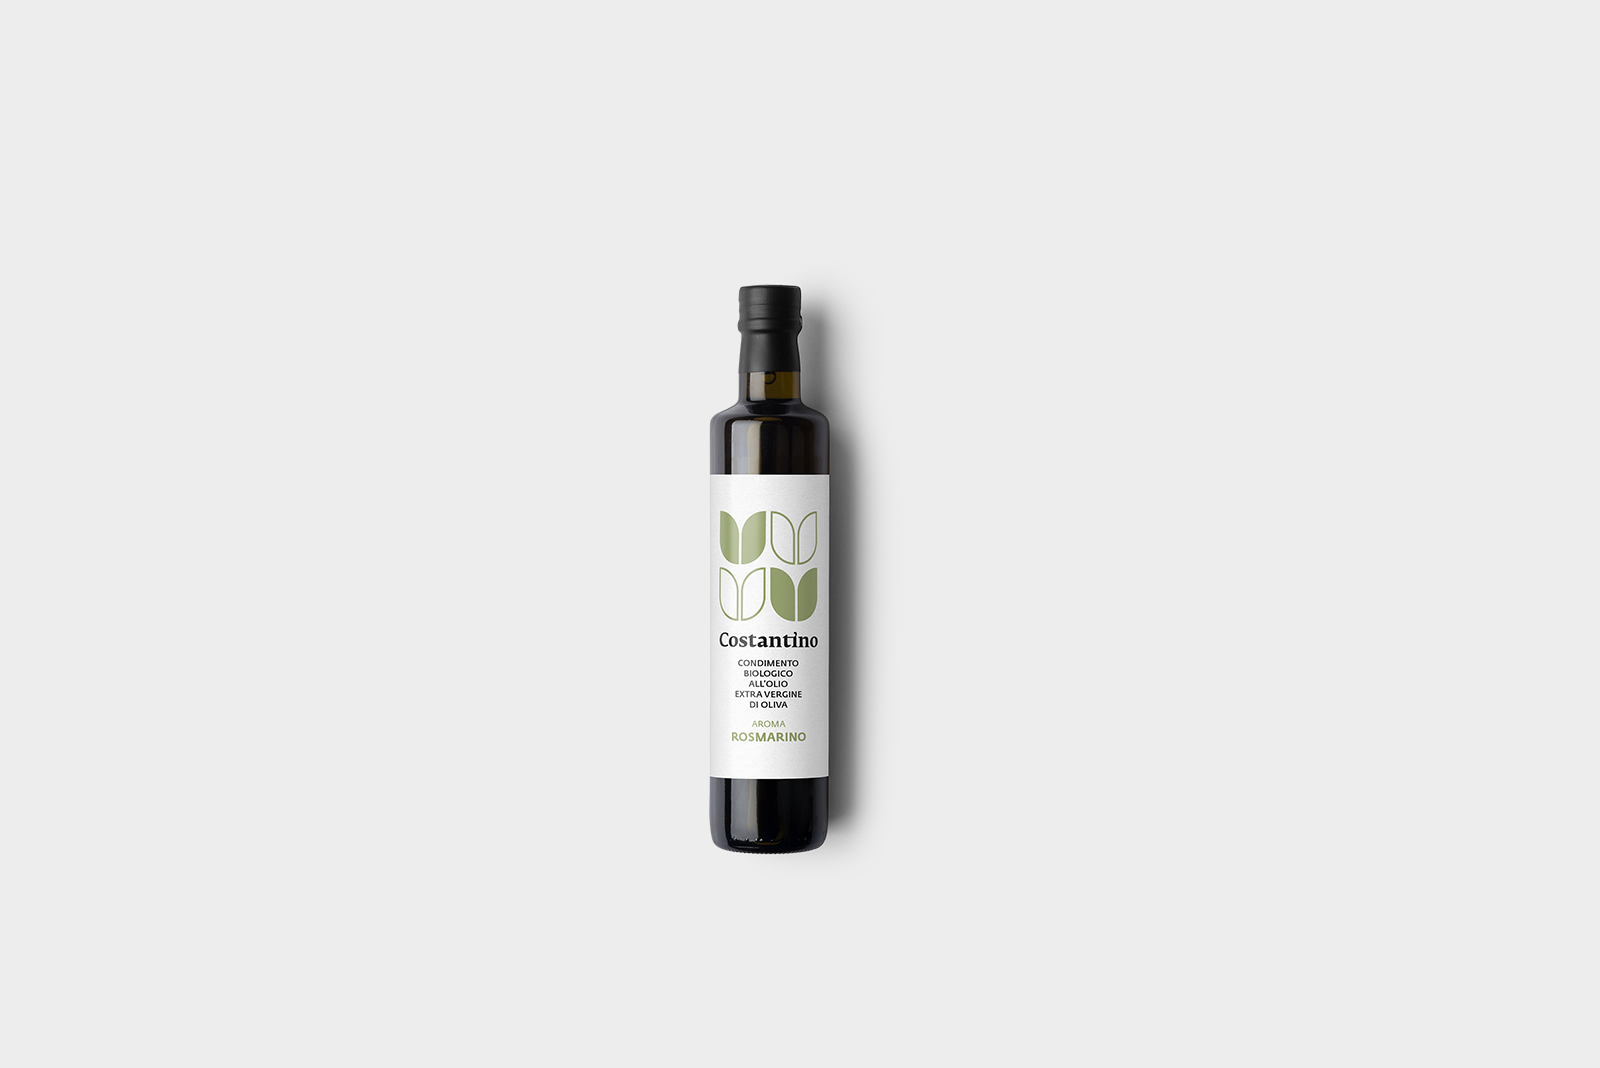 Costantino - Condimento Biologico a base di Olio Extra Vergine d'Oliva e Rosmarino - bottiglia 10cl